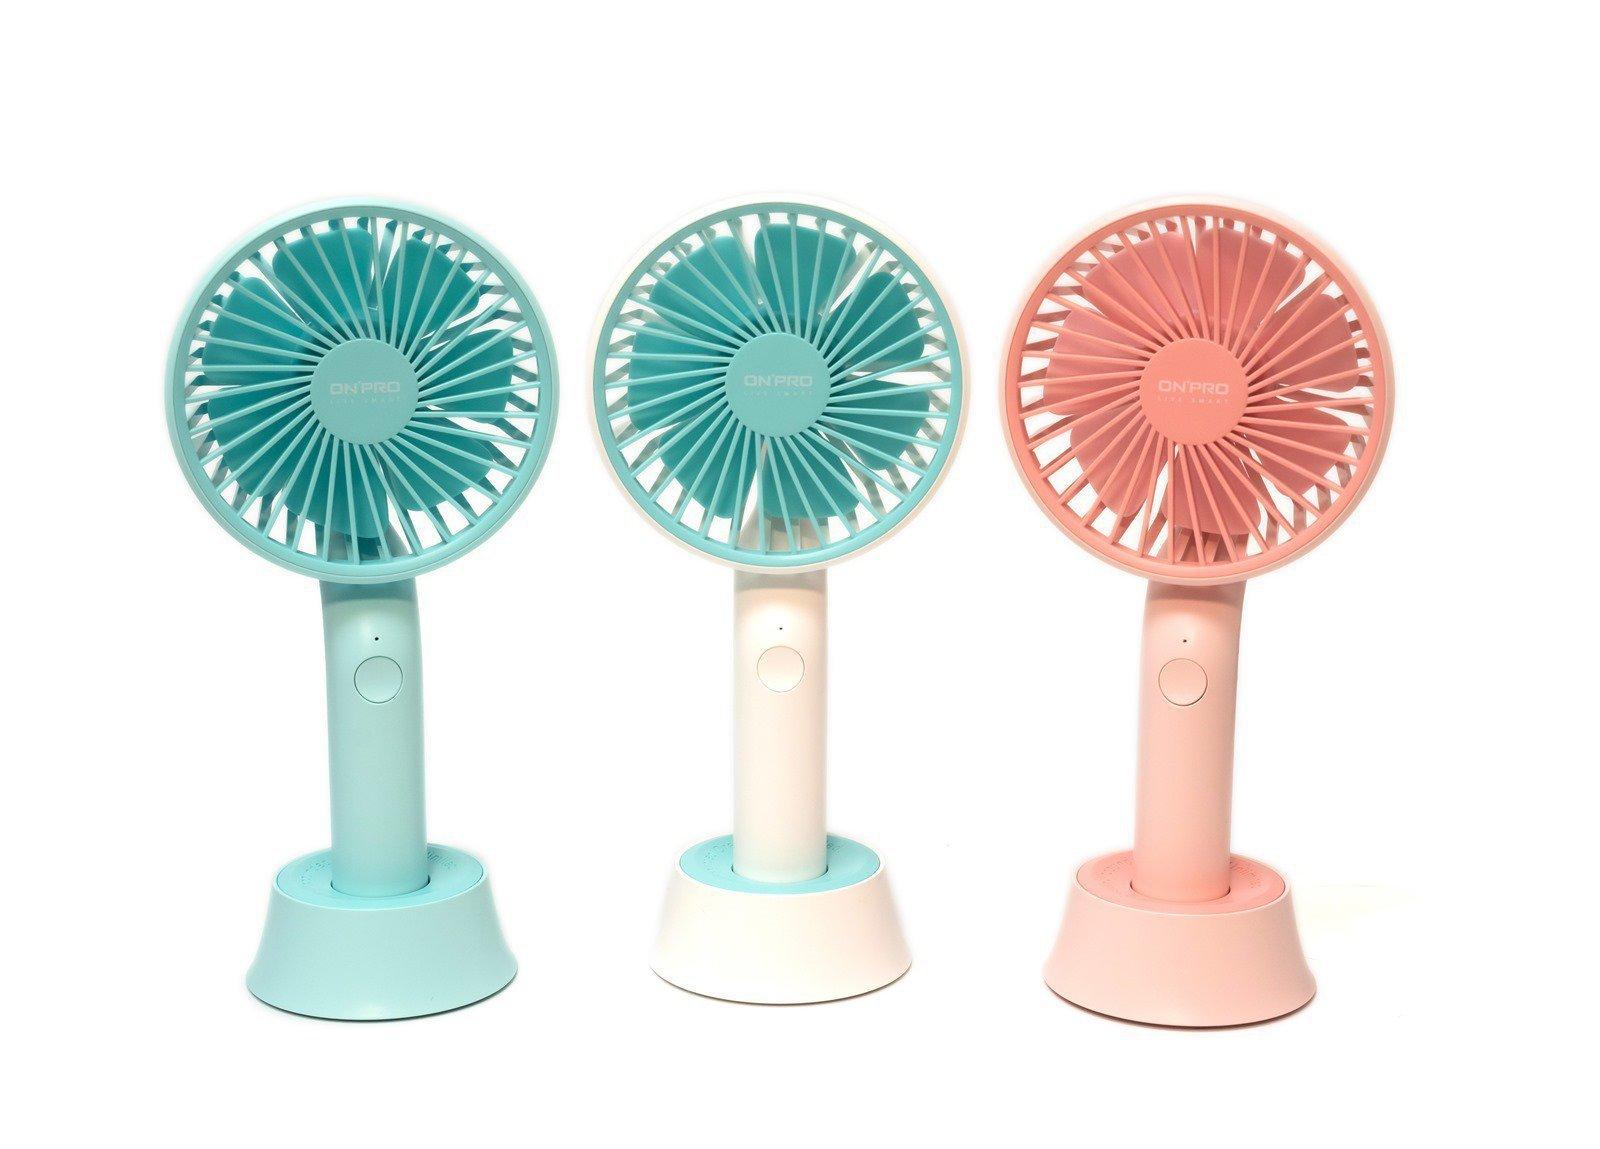 【開箱】ONPRO夏日美型隨行手風扇 – 三段風力、Mirco USB 充電